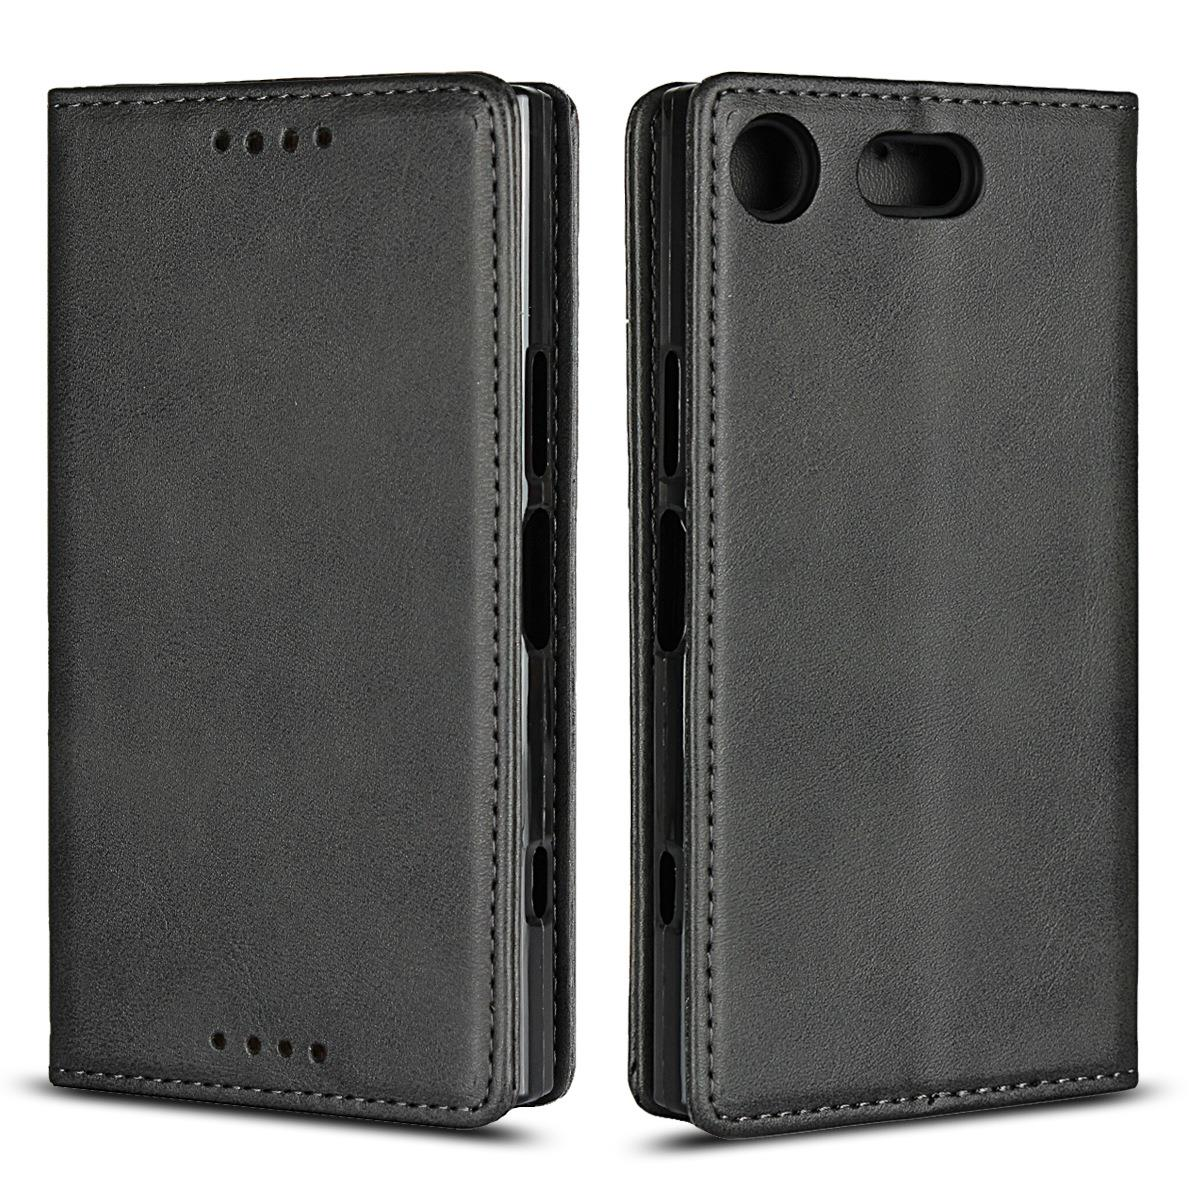 亚马逊爆款 索尼XZ1 Compact手机壳 新款小牛纹保护套插卡皮套